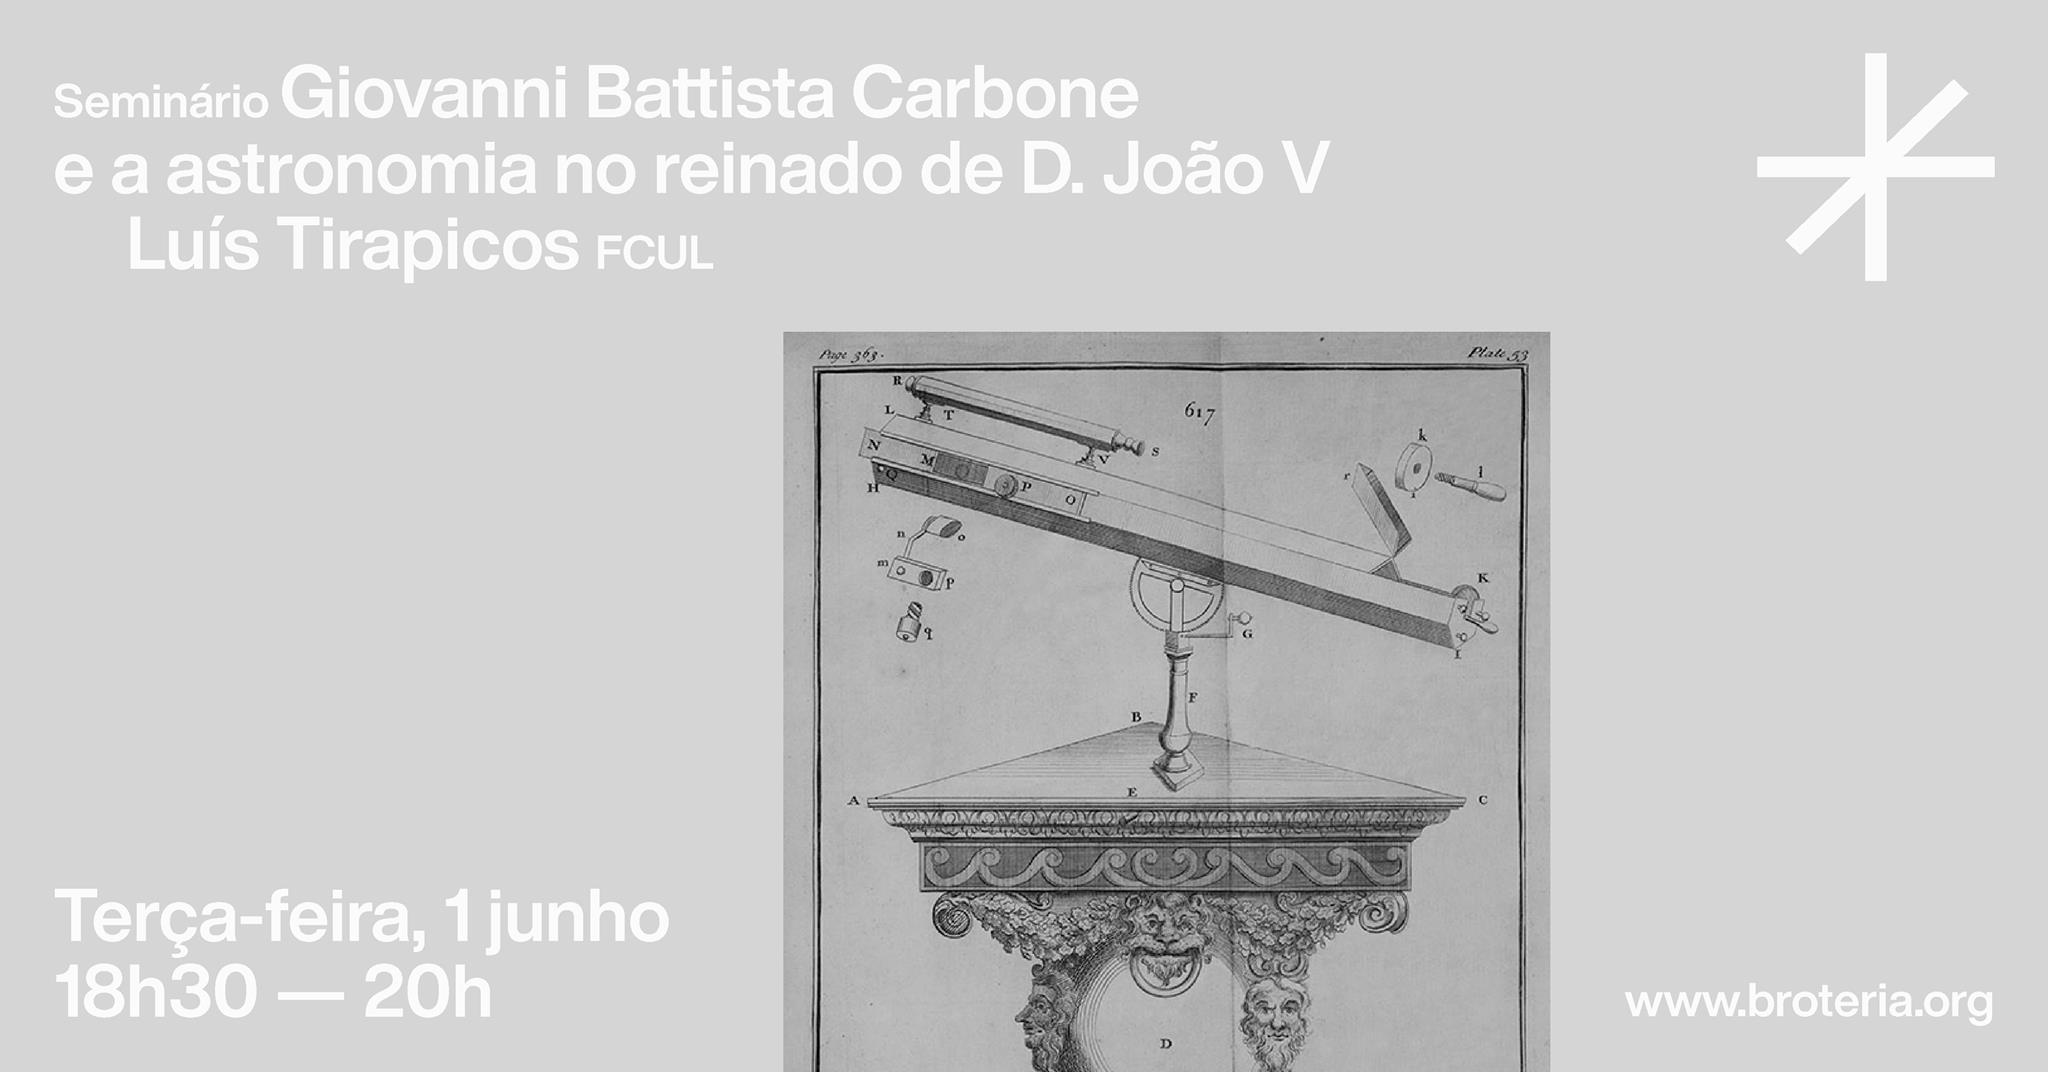 Seminário | Giovanni Battista Carbone e a astronomia no reinado de D. João V